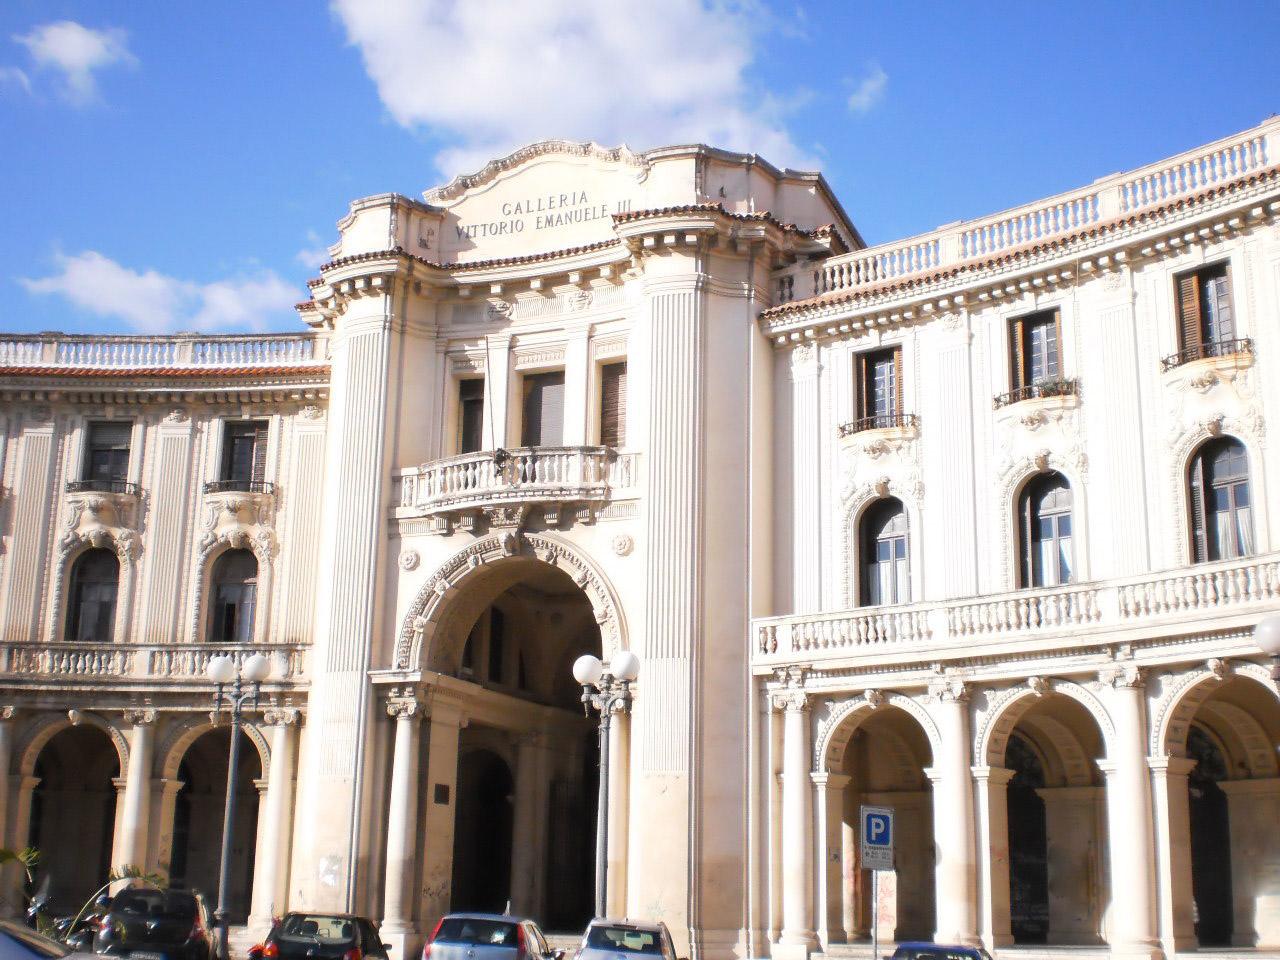 Galleria Vittorio Emanuele Messina